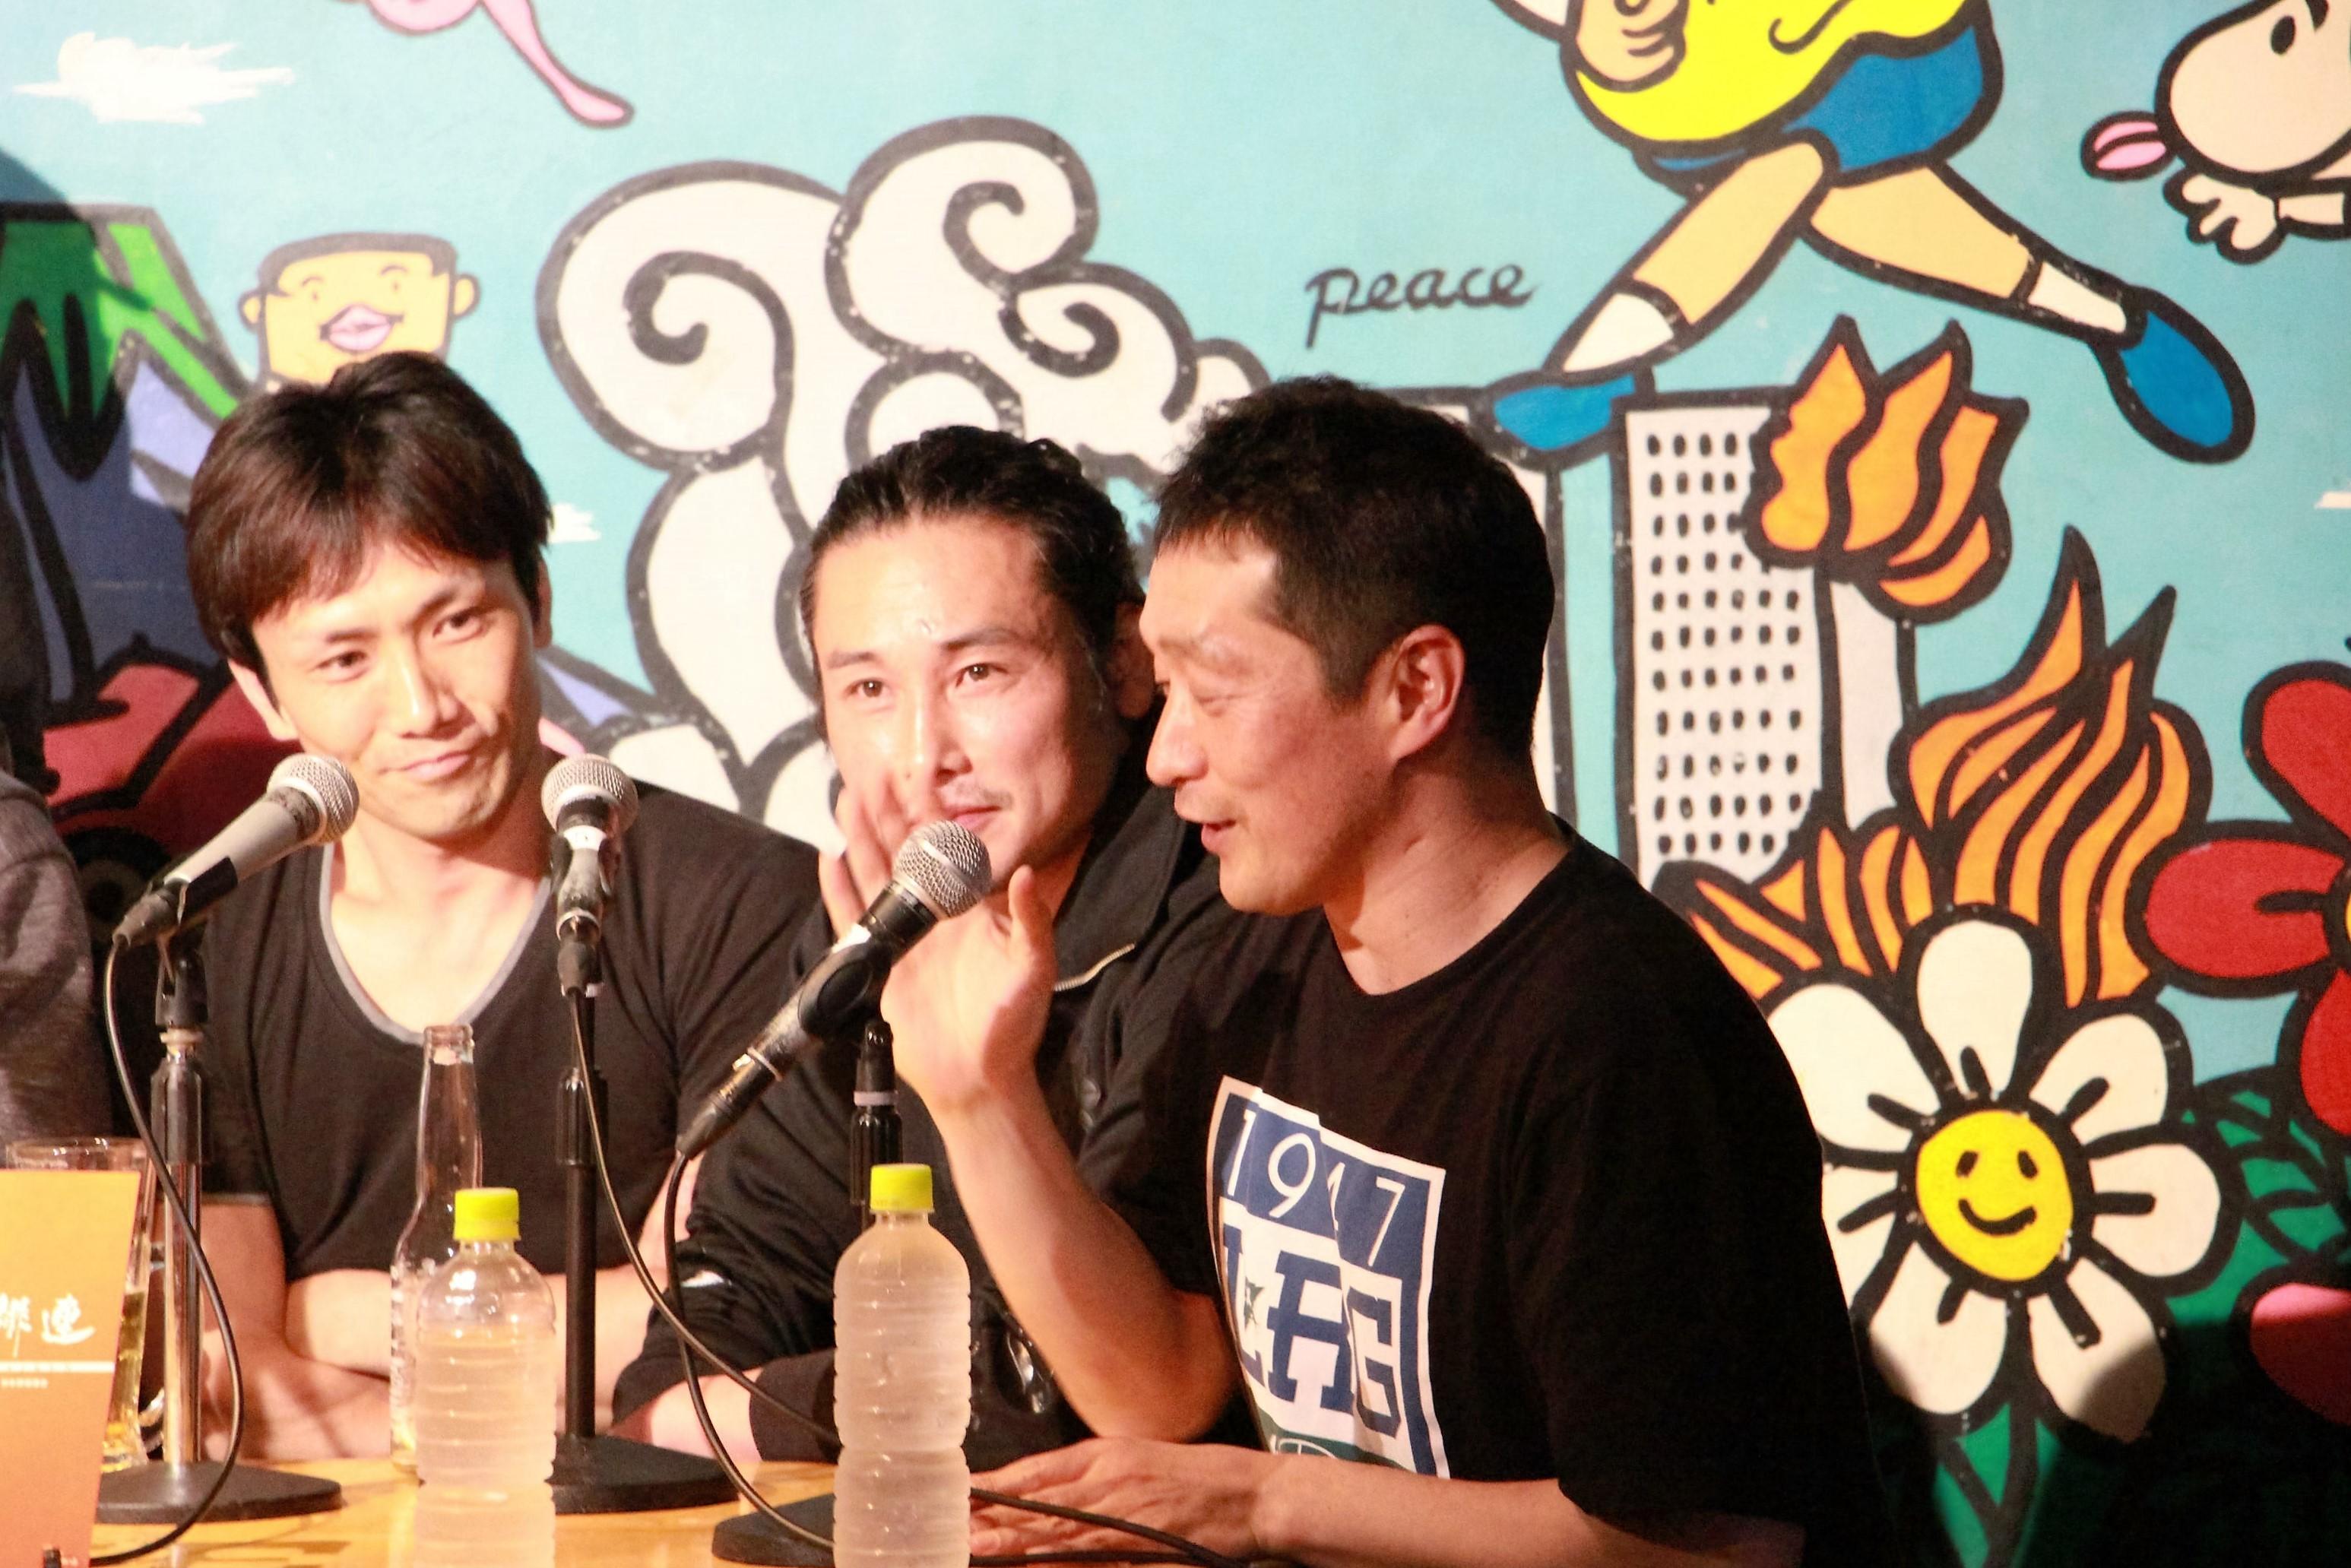 坂本浩一氏は高校卒業後に渡米 以降、日米両国で活躍している